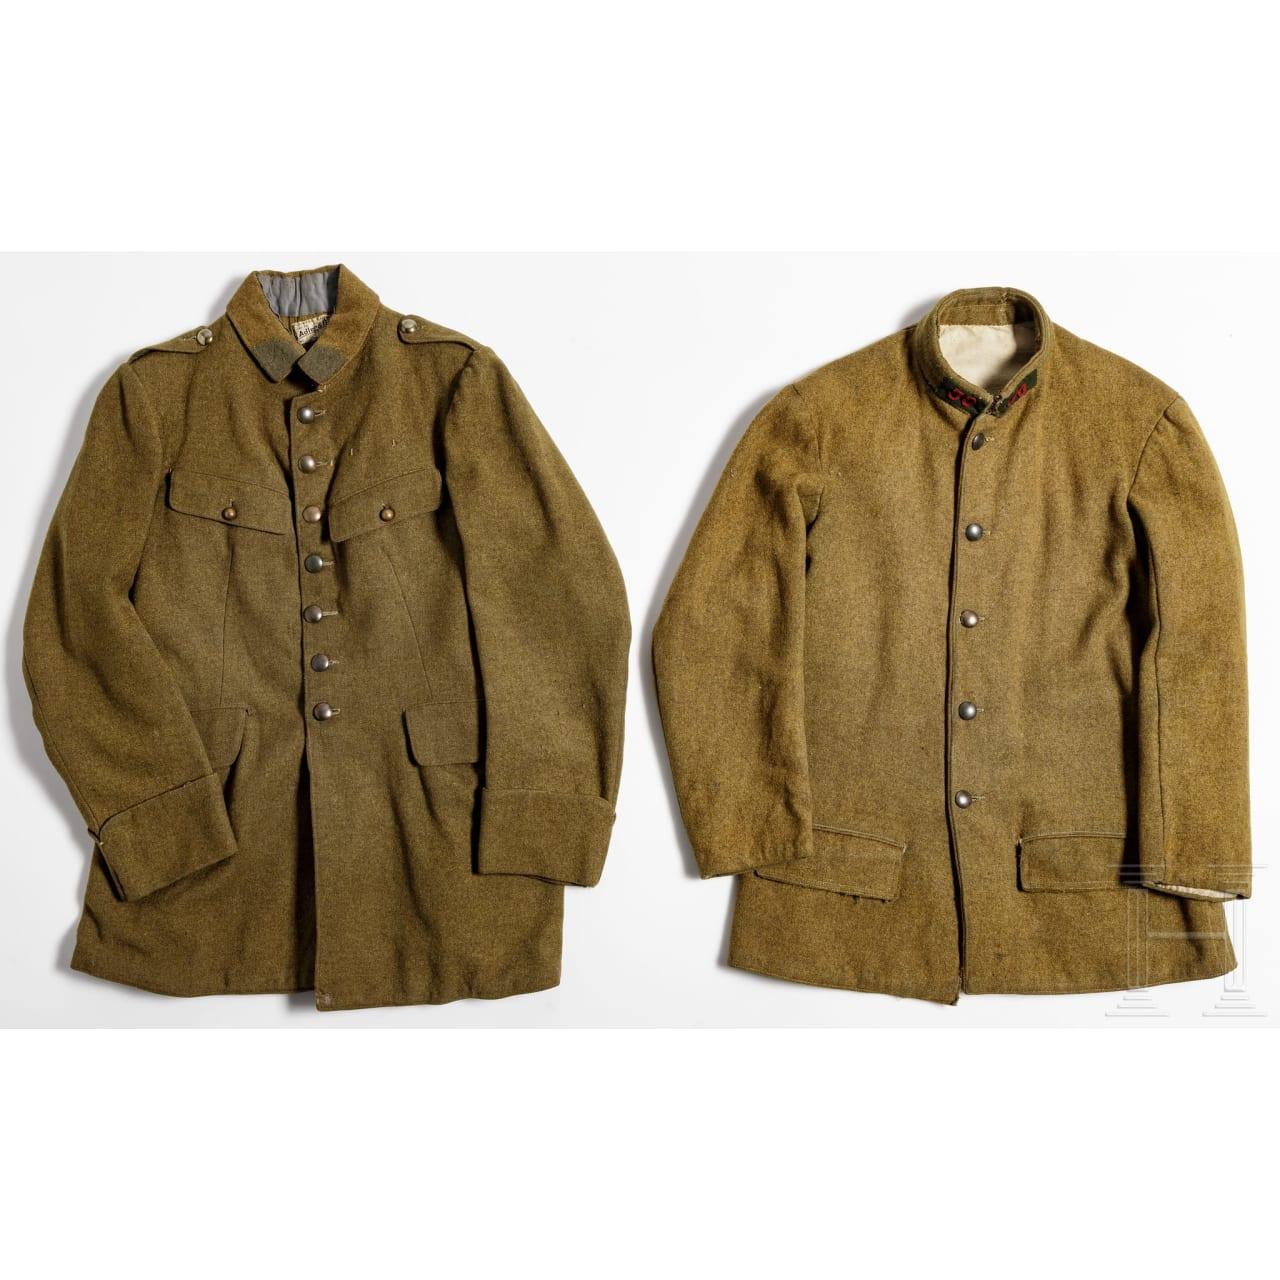 Zwei Röcke für Mannschaften der Kolonialtruppen im 1. Weltkrieg